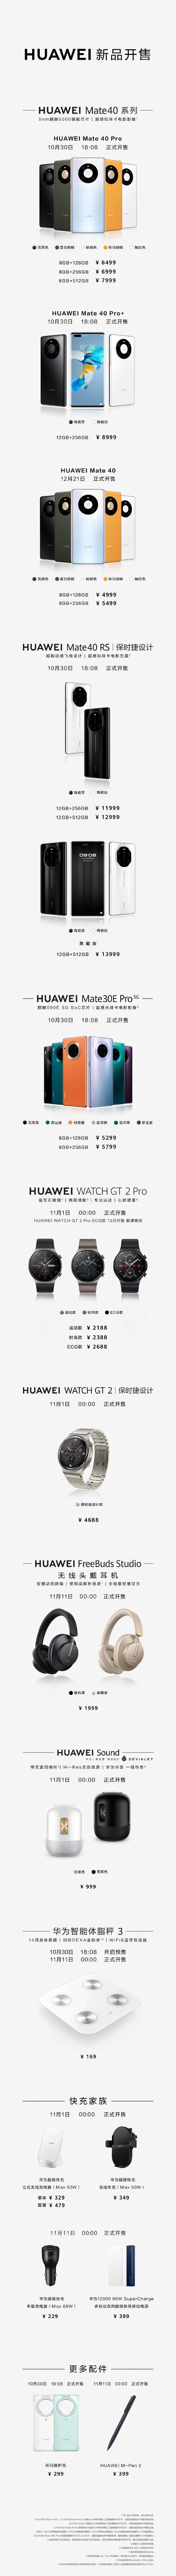 华为Mate40国内版价格揭晓起售价4999元